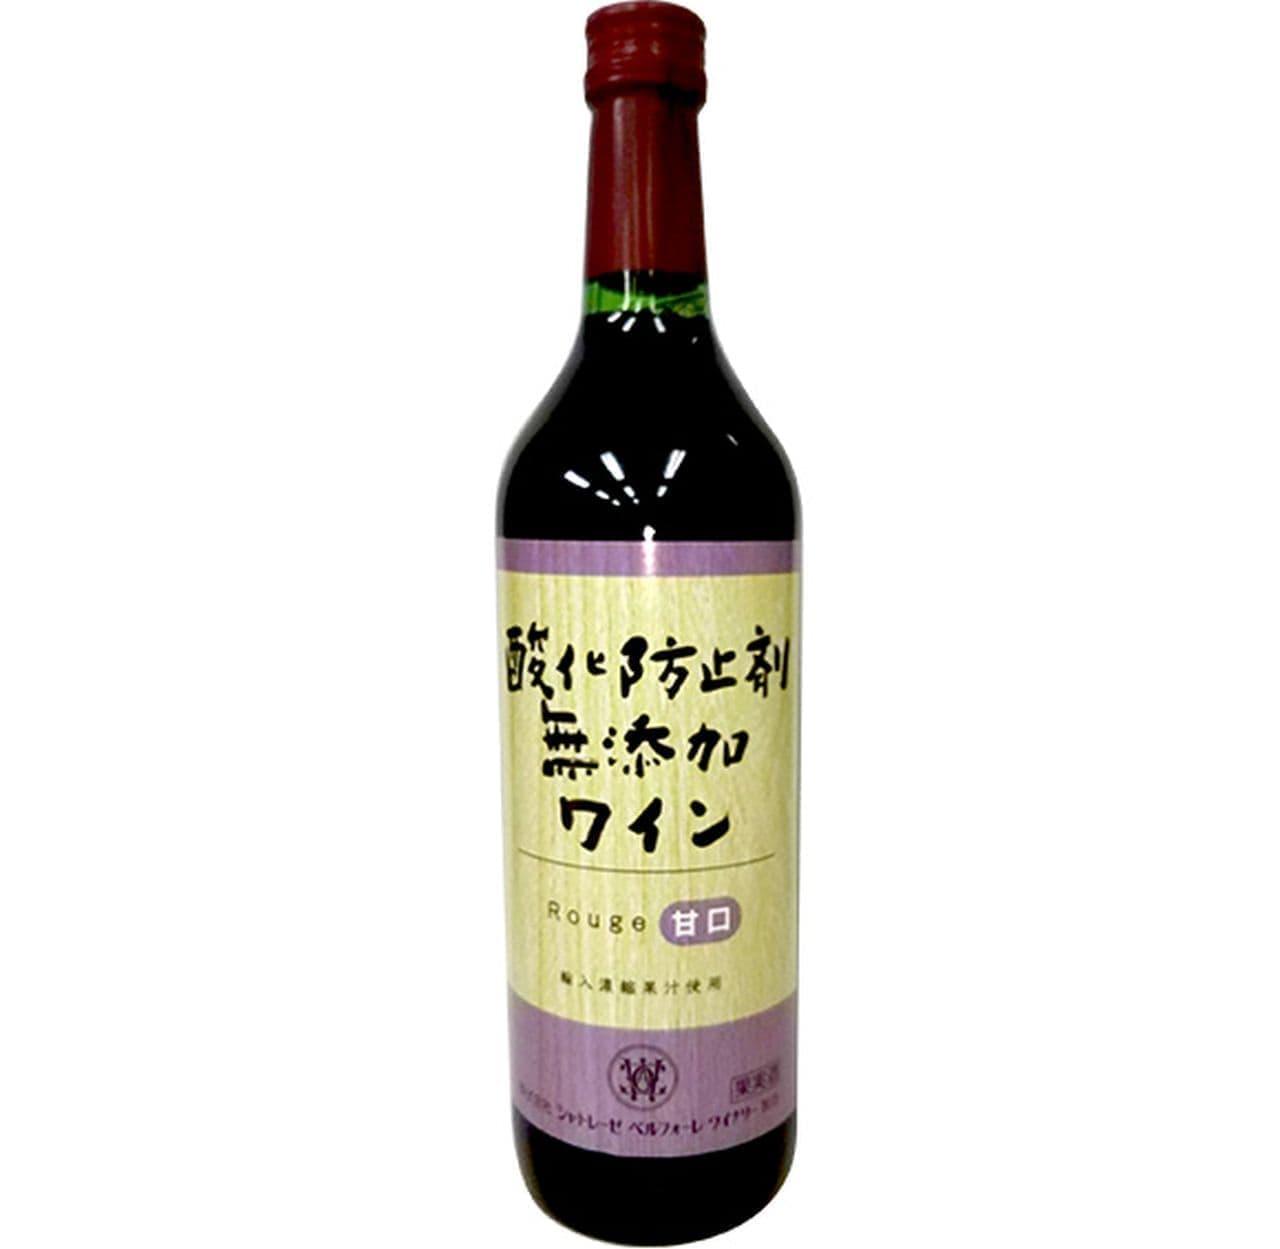 シャトレーゼ「酸化防止剤無添加甘口赤ワイン」